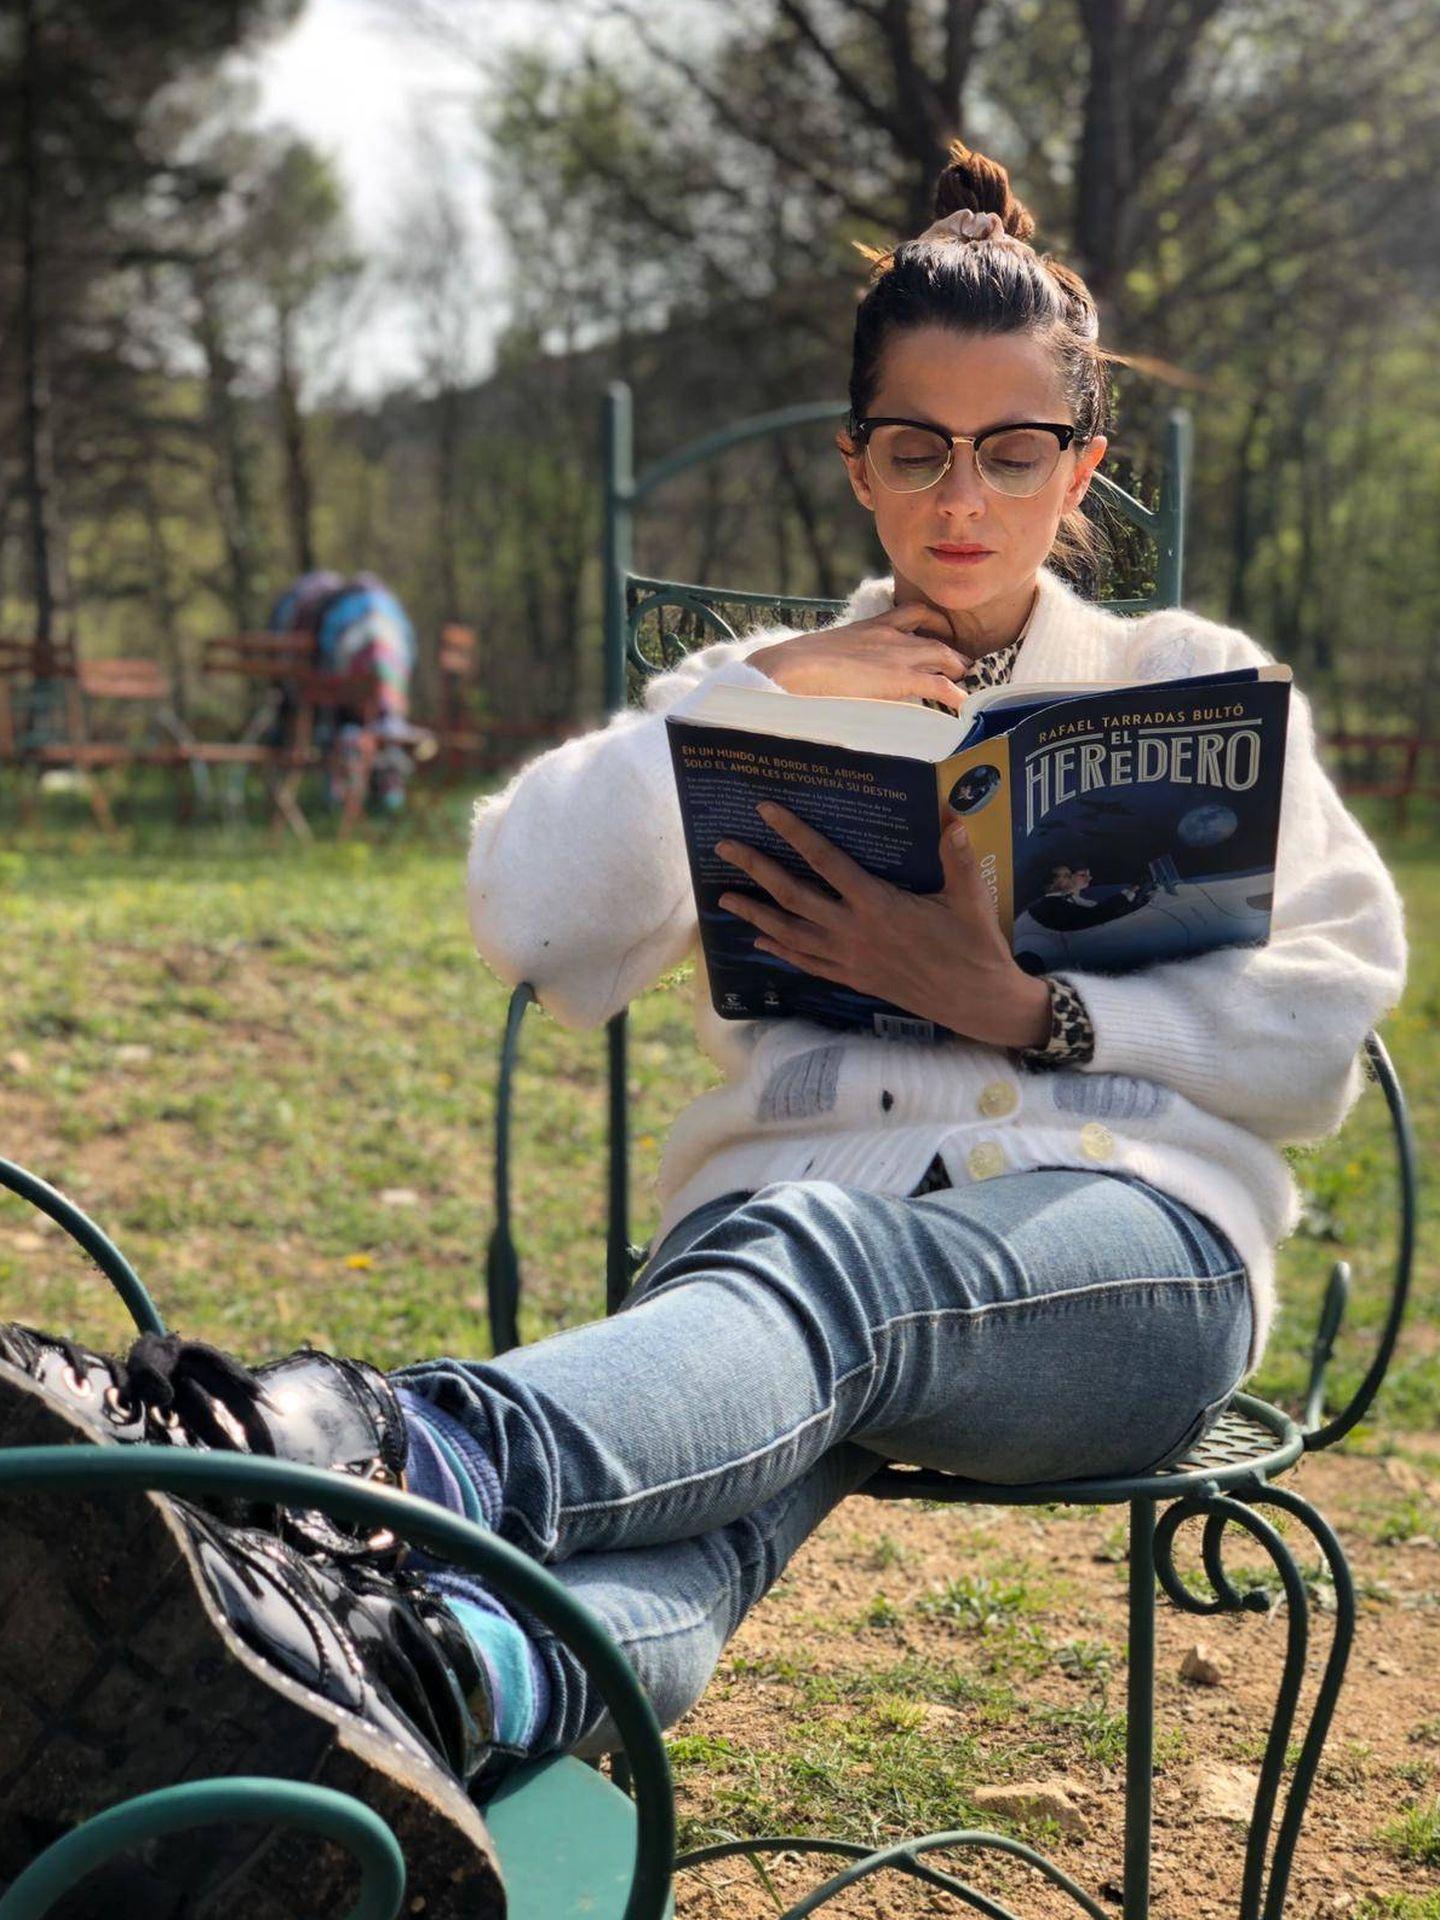 Macarena Gómez lee 'El heredero' con un cerdo al fondo.